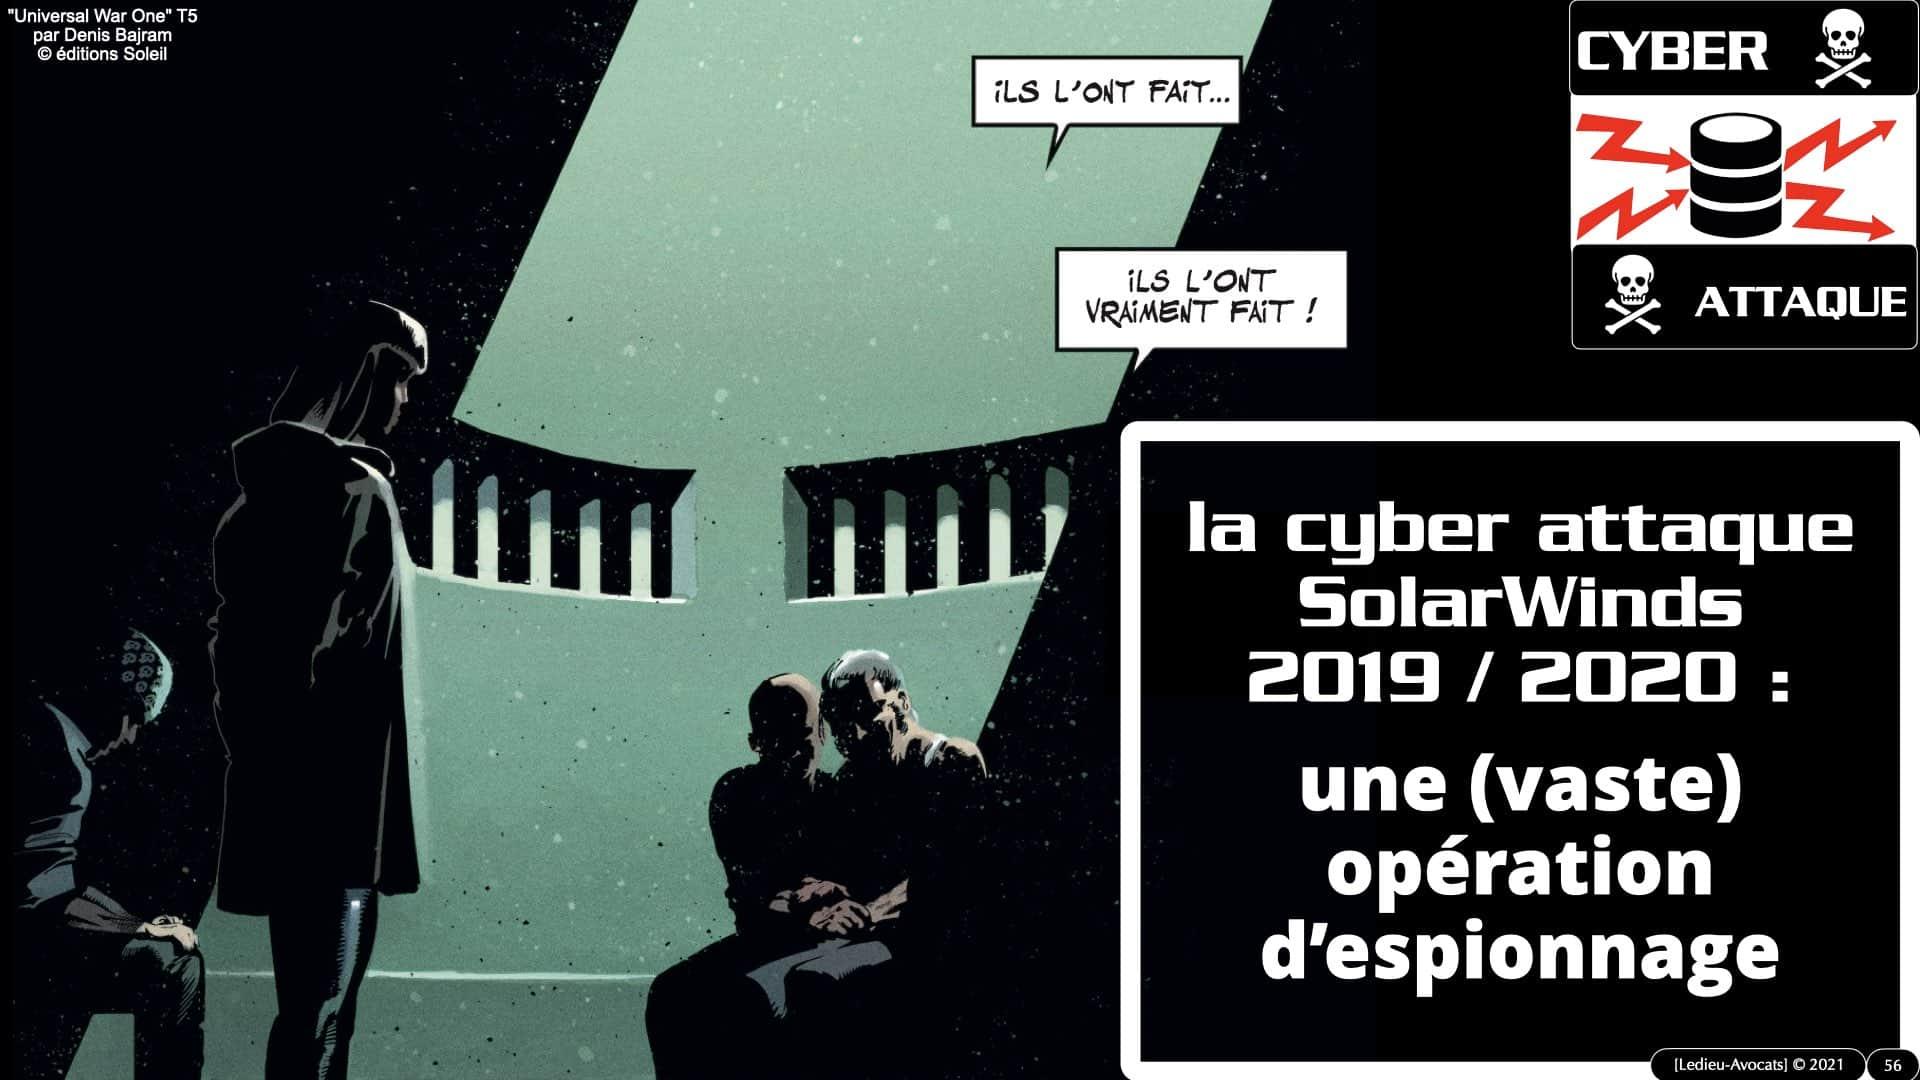 330 CYBER ATTAQUE © Ledieu-Avocats 09-03-2021.056